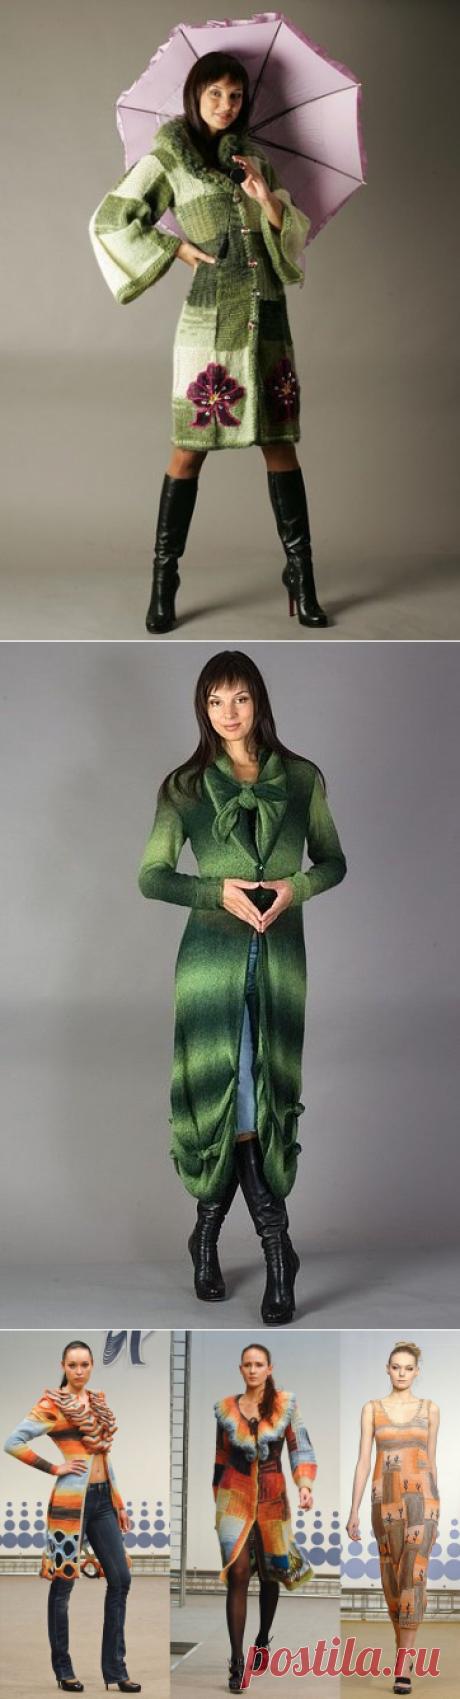 Вязаные пальто и платья от Анны Лесниковой.